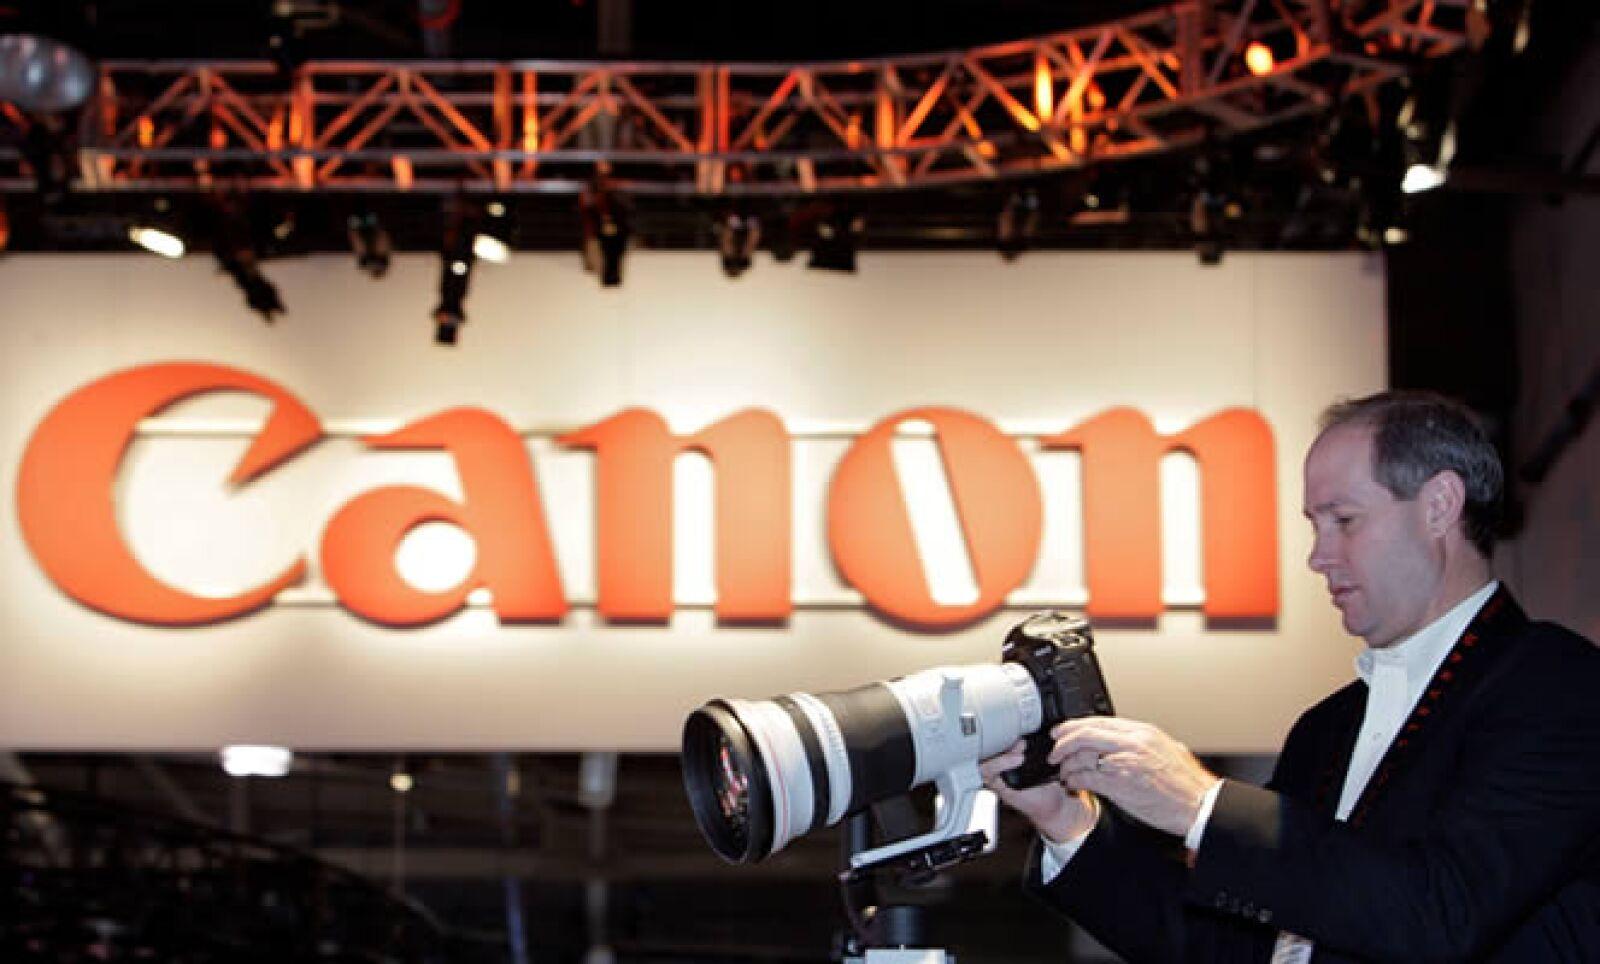 Un fotógrafo profesional visita el 'stand' de Canon, para apreciar su nueva cámara y telefoto de 400mm.